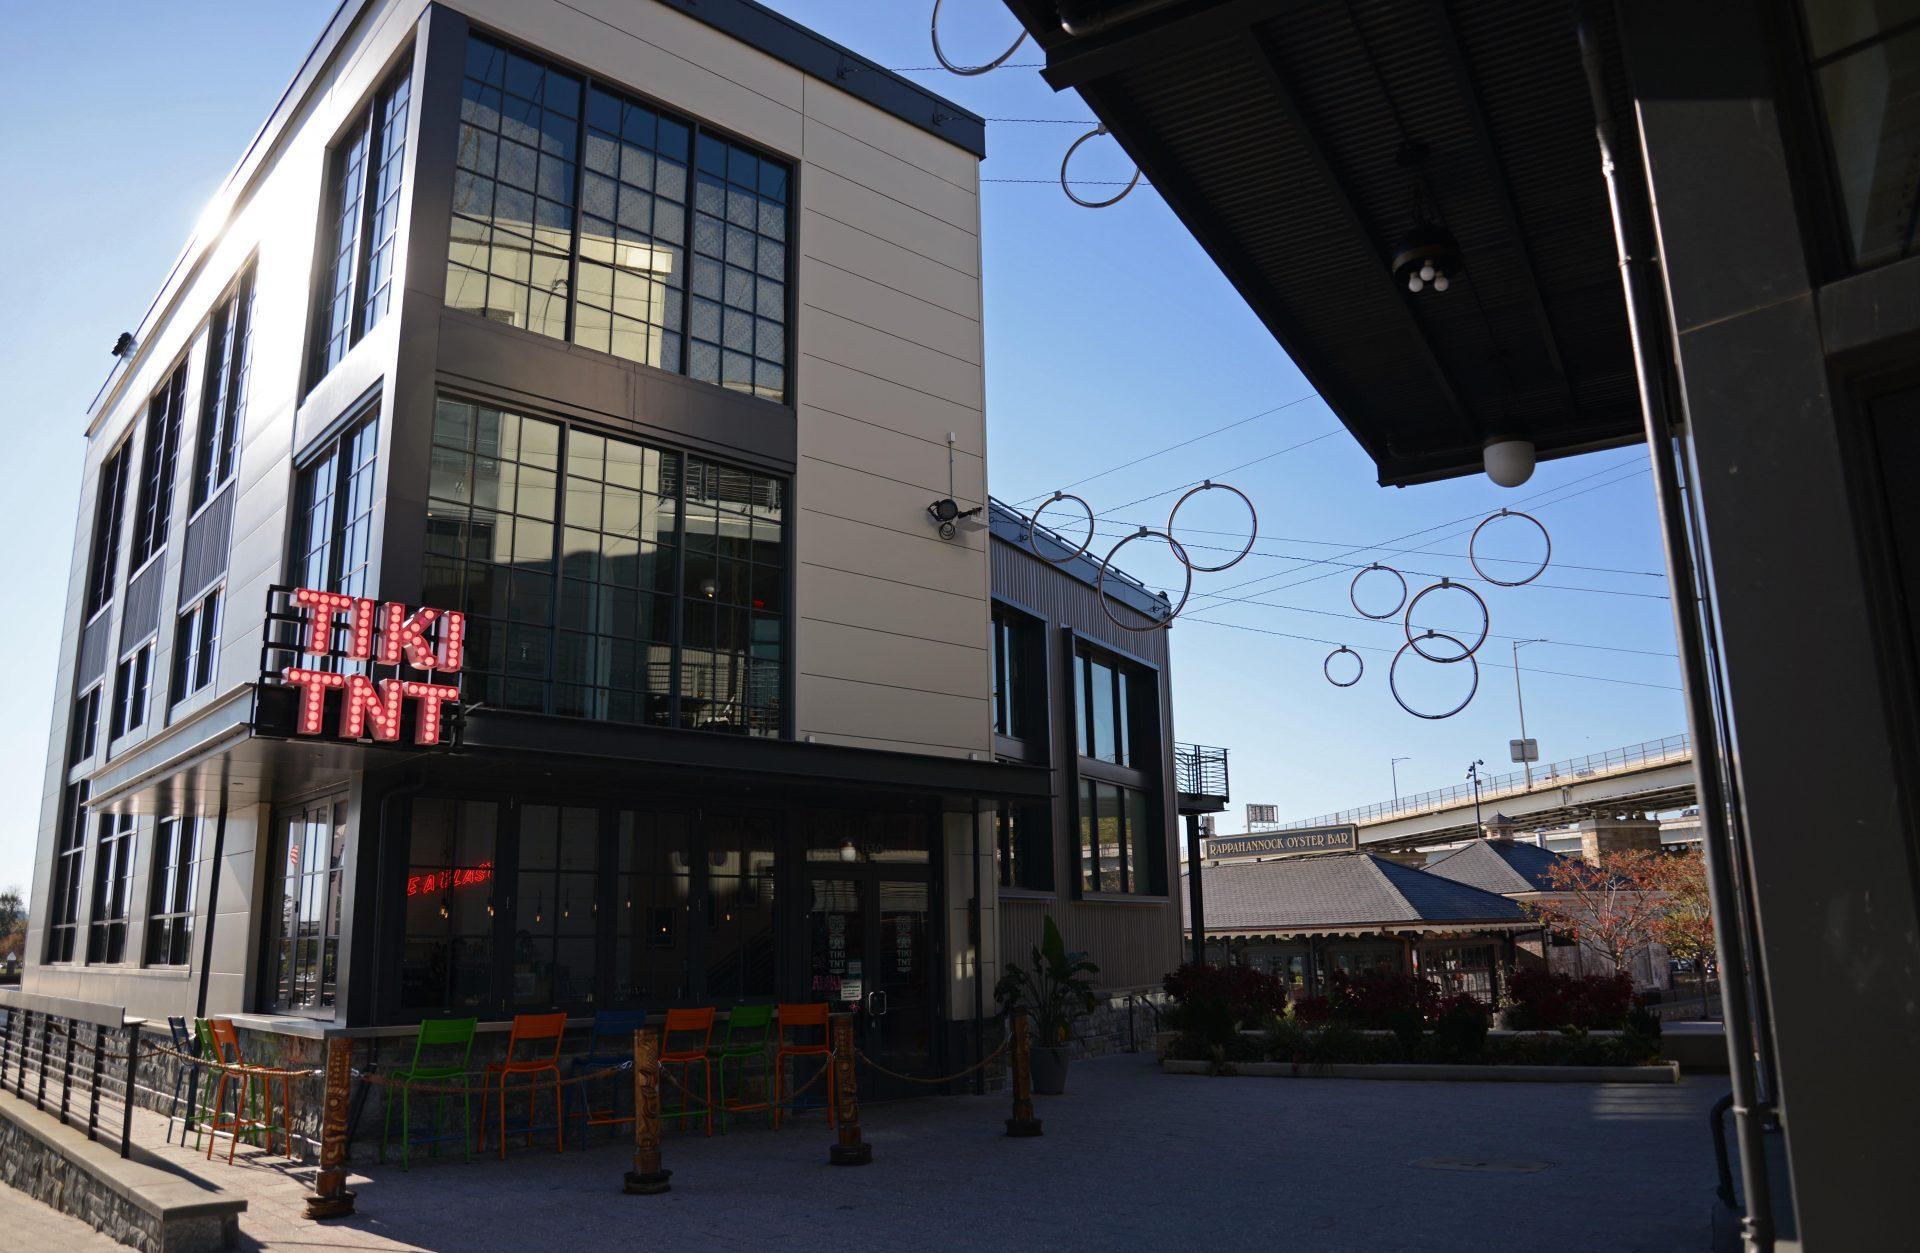 The Wharf_1